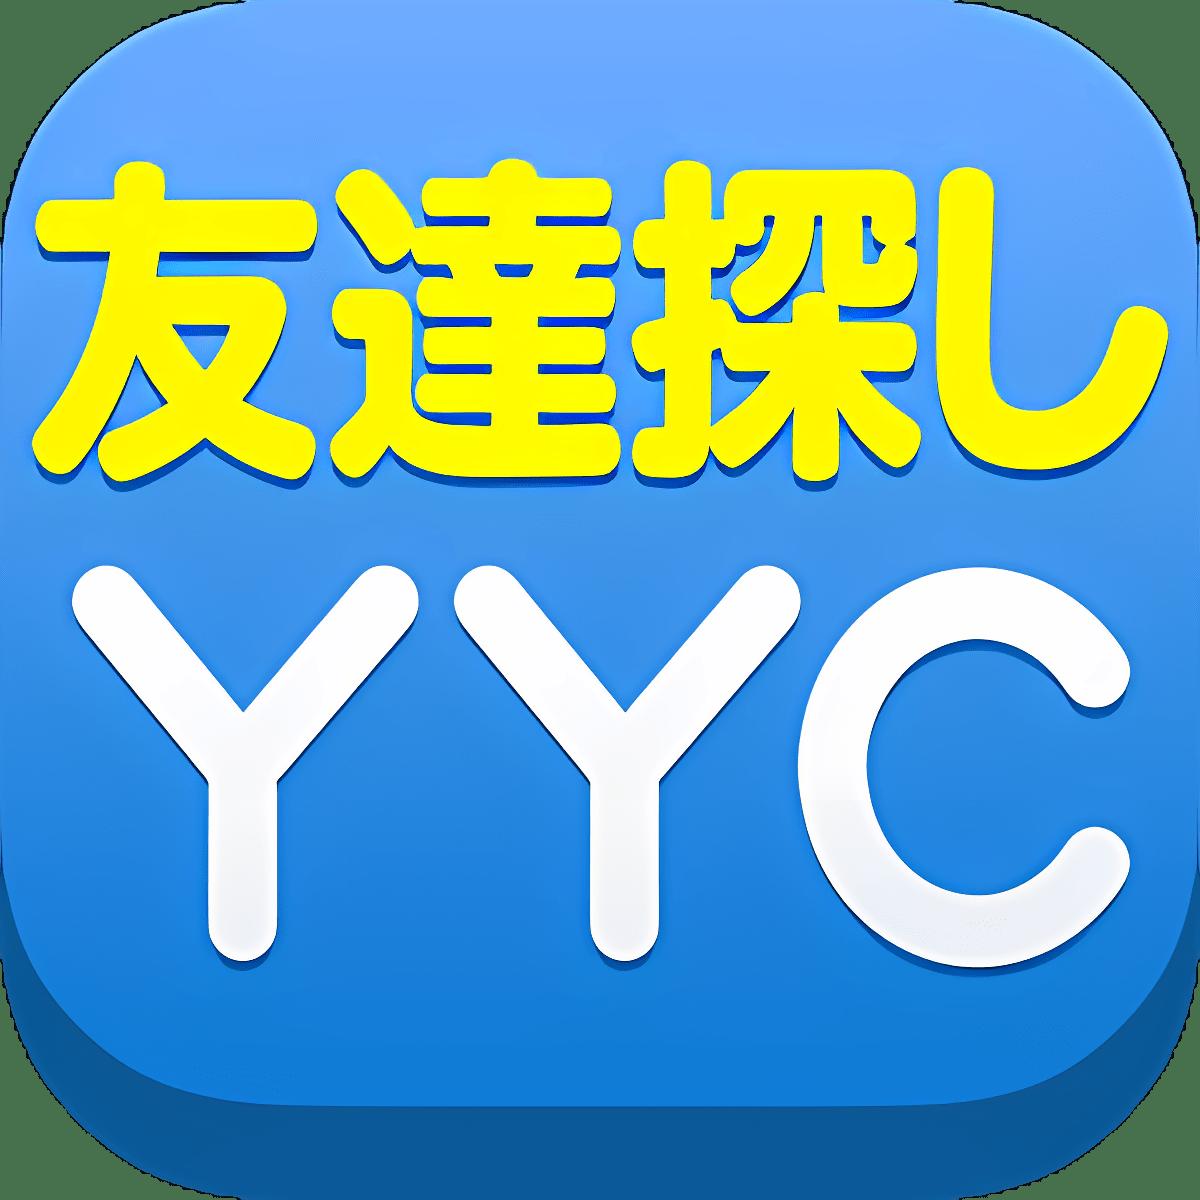 匿名で安心して話せるYYC(ワイワイシー)